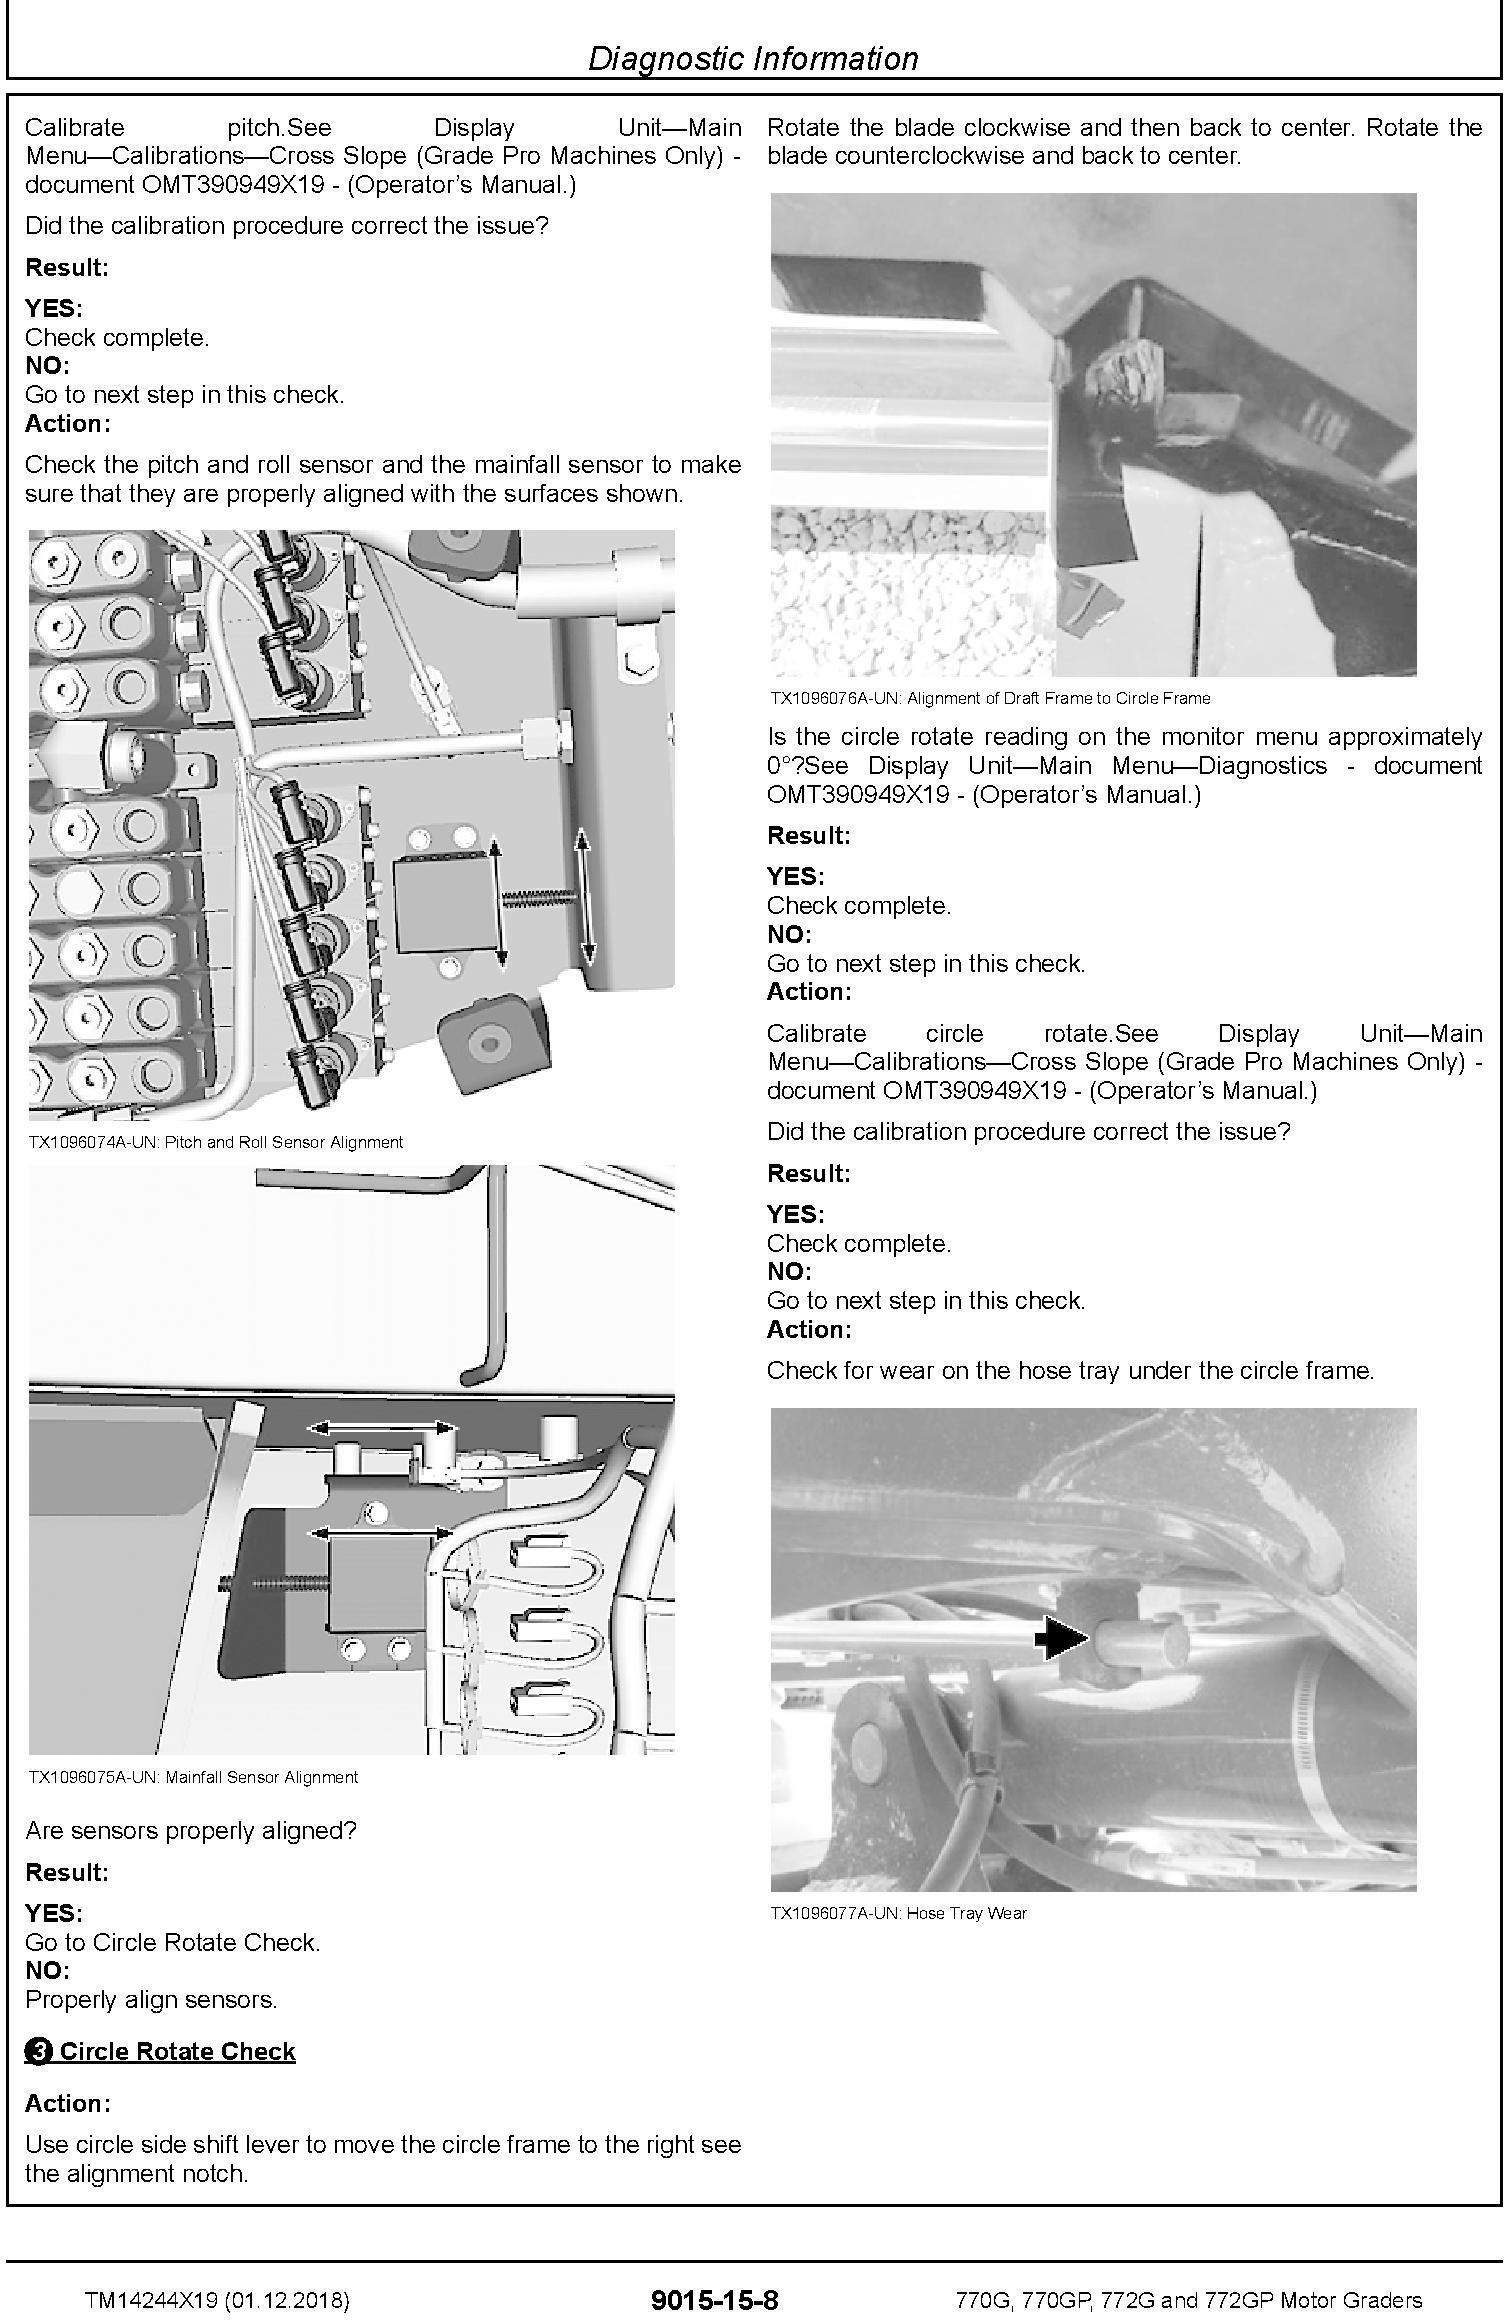 John Deere 770G,770GP, 772G,772GP (SN.F680878-,L700954) Motor Graders Diagnostic Manual (TM14244X19) - 2